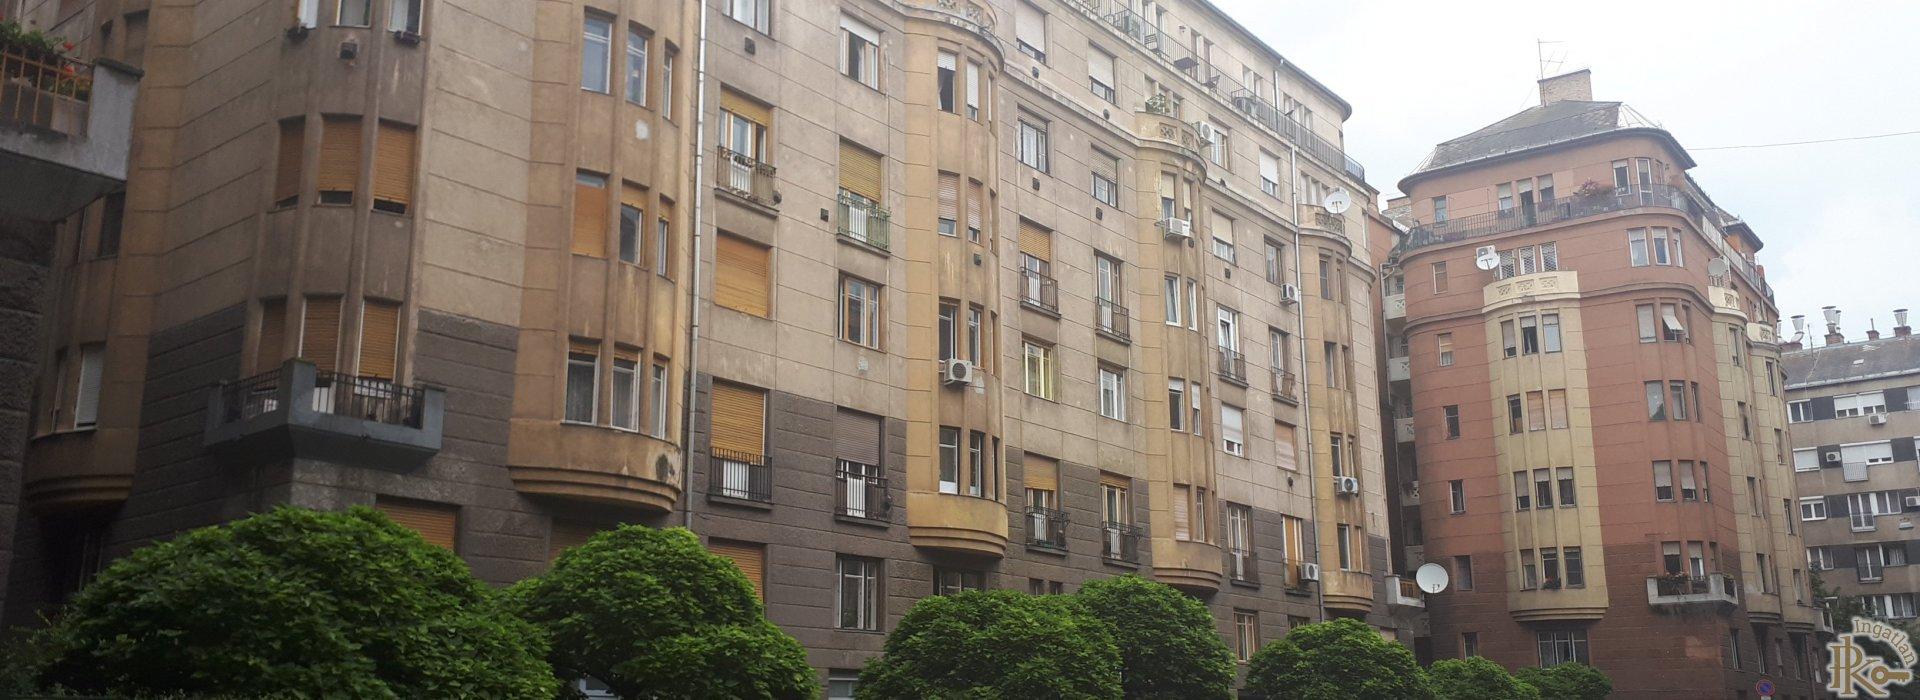 Budapest, Vak Bottyán utca 3. fszt. 2.